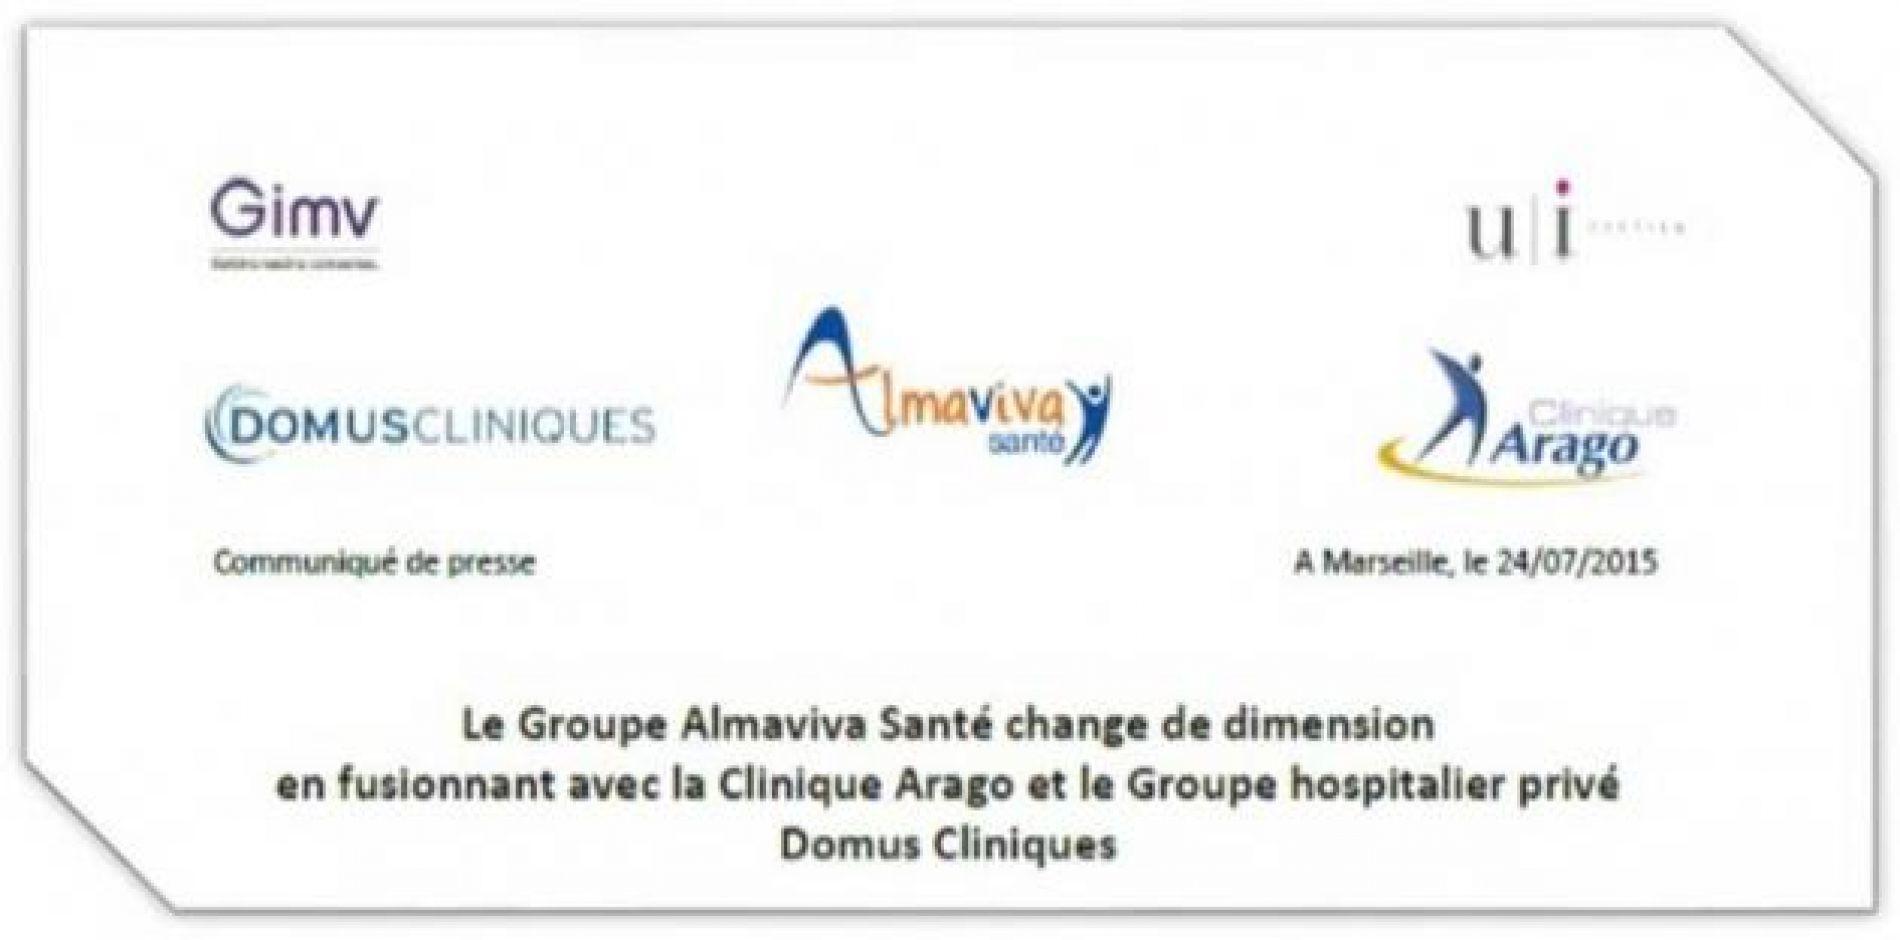 ALMAVIVA SANTÉ DEVIENT 6ÈME GROUPE HOSPITALIER PRIVÉ DE FRANCE